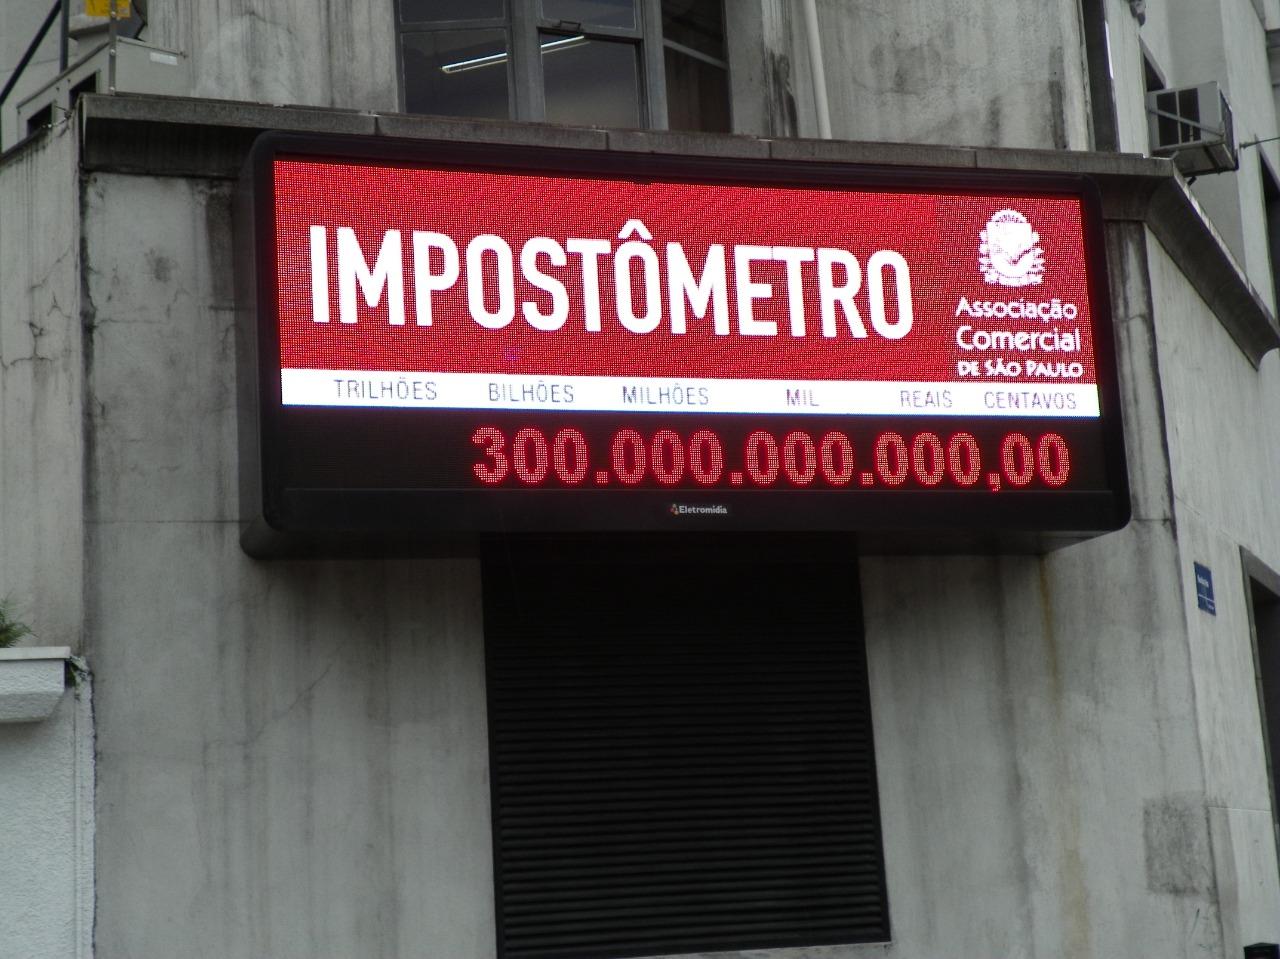 Brasileiros já pagaram R$ 300 bilhões em impostos este ano